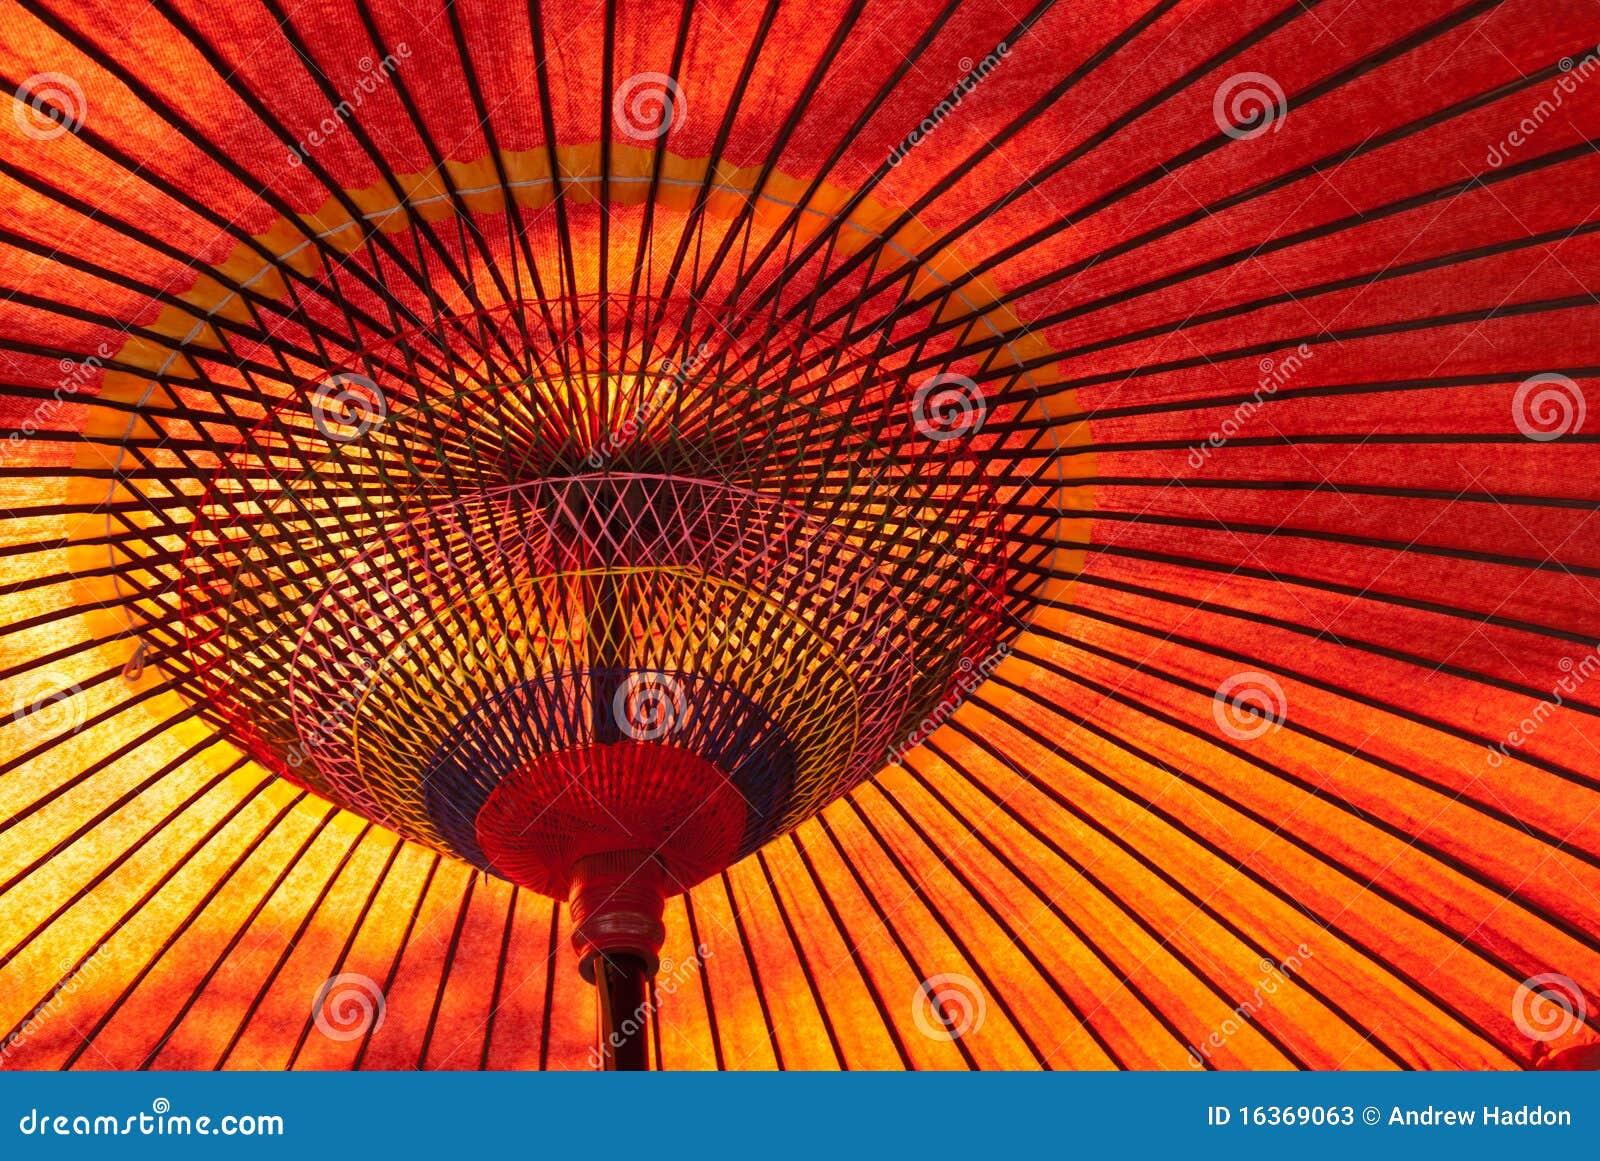 日本遮阳伞红色